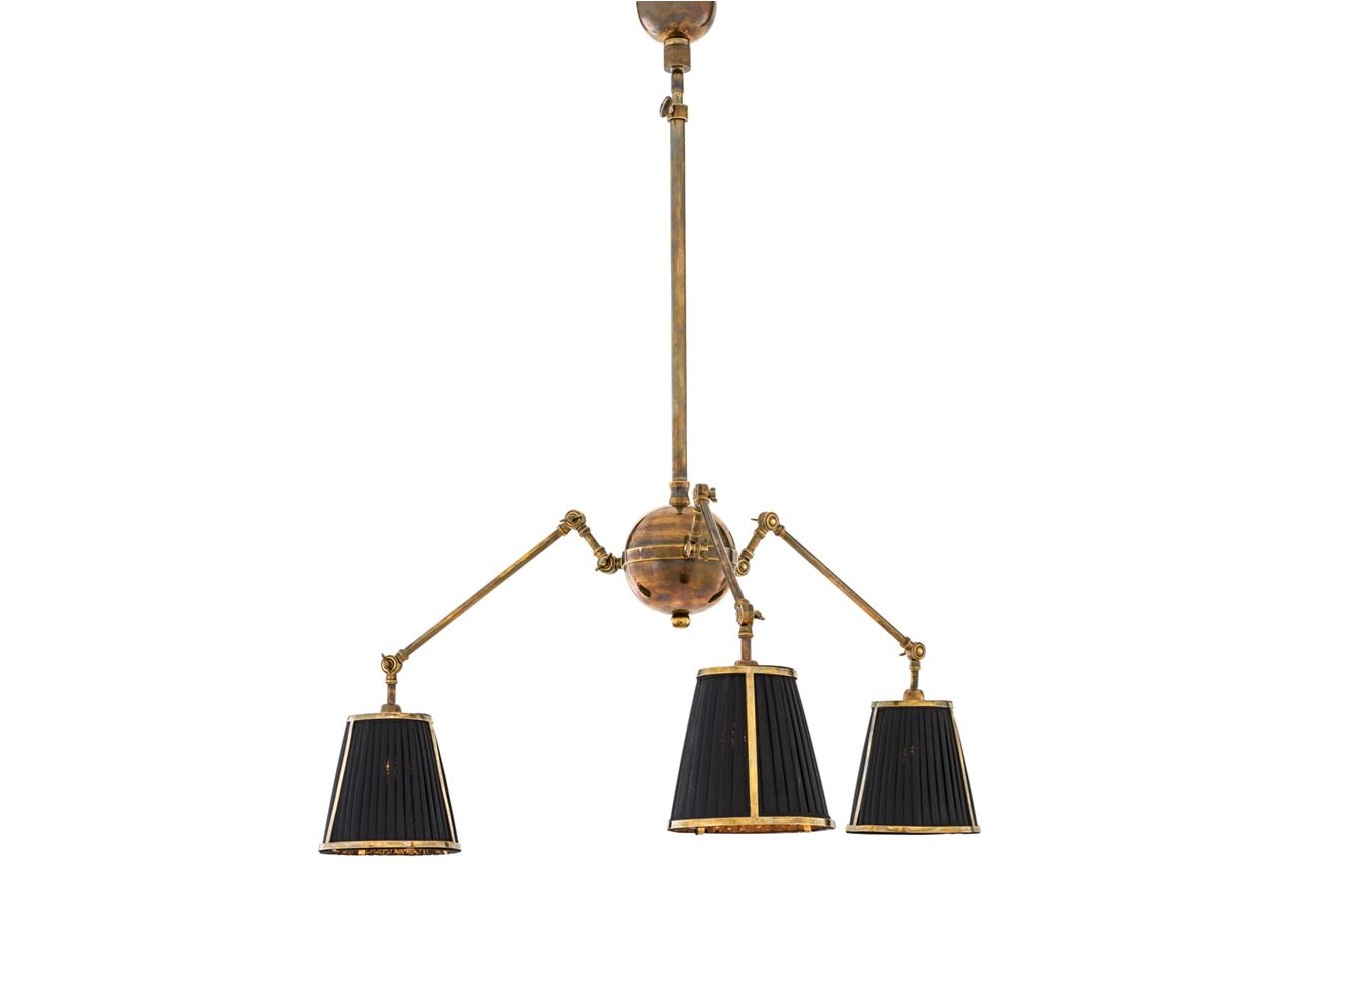 Подвесной светильникПодвесные светильники<br>Подвесной светильник Ceiling Lamp Constance с текстильными плиссированными абажурами черного цвета. Арматура из металла цвета античная латунь.&amp;lt;div&amp;gt;&amp;lt;br&amp;gt;&amp;lt;/div&amp;gt;&amp;lt;div&amp;gt;&amp;lt;div&amp;gt;Тип цоколя: E14&amp;lt;/div&amp;gt;&amp;lt;div&amp;gt;Мощность: 60W&amp;lt;/div&amp;gt;&amp;lt;div&amp;gt;Кол-во ламп: 3 (нет в комплекте)&amp;lt;/div&amp;gt;&amp;lt;/div&amp;gt;<br><br>Material: Металл<br>Высота см: 92